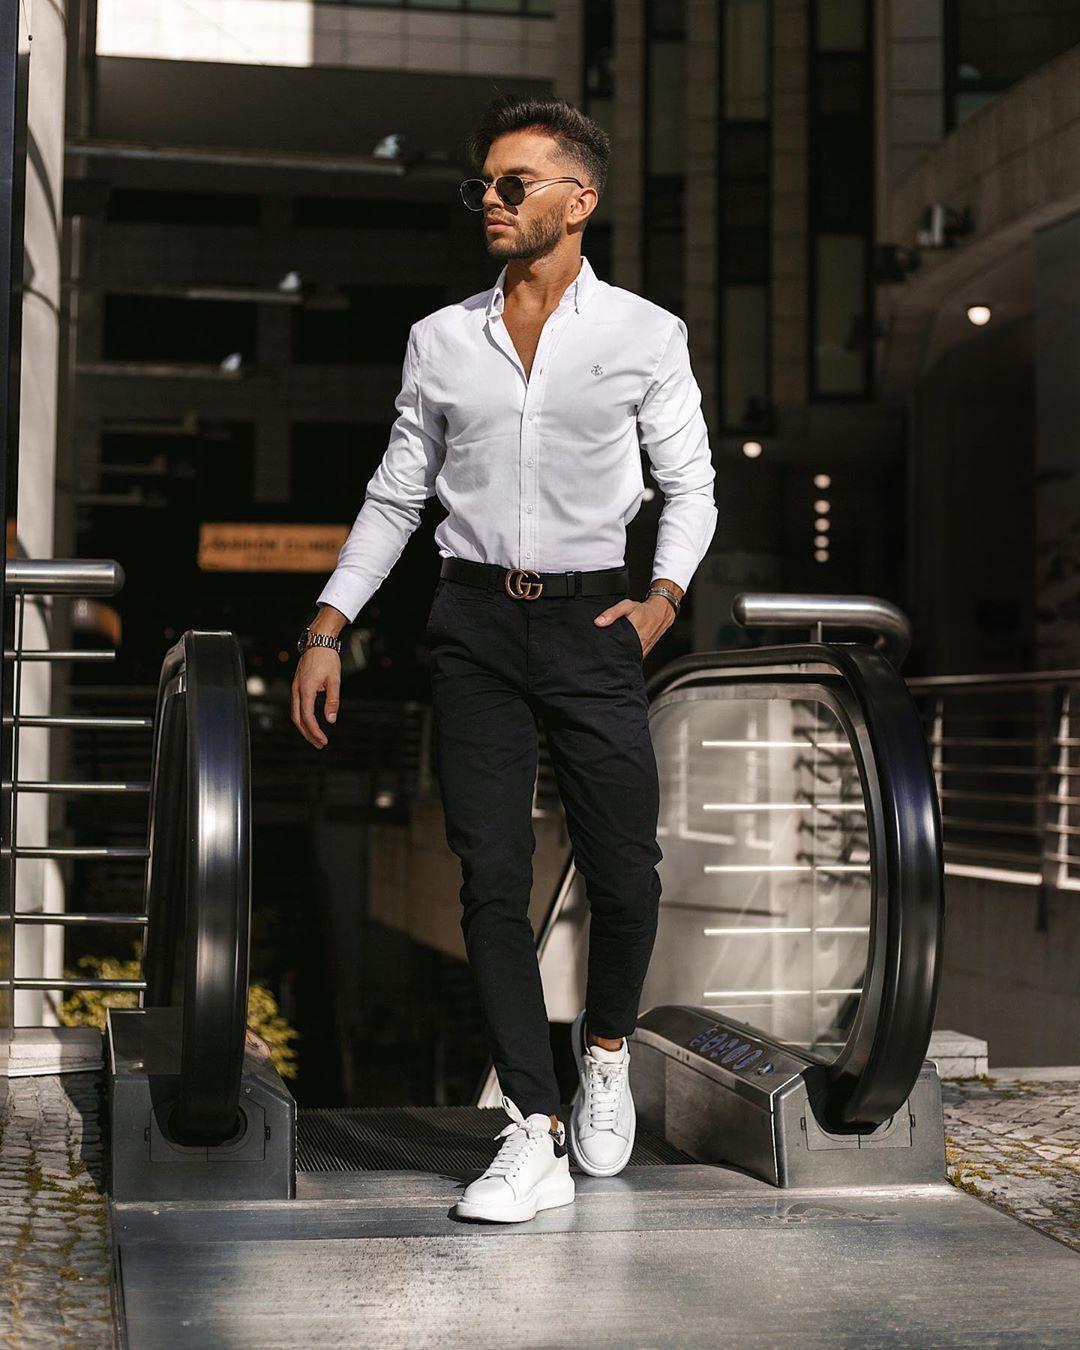 Alexander Mcqueen Sneakers Outfit Men